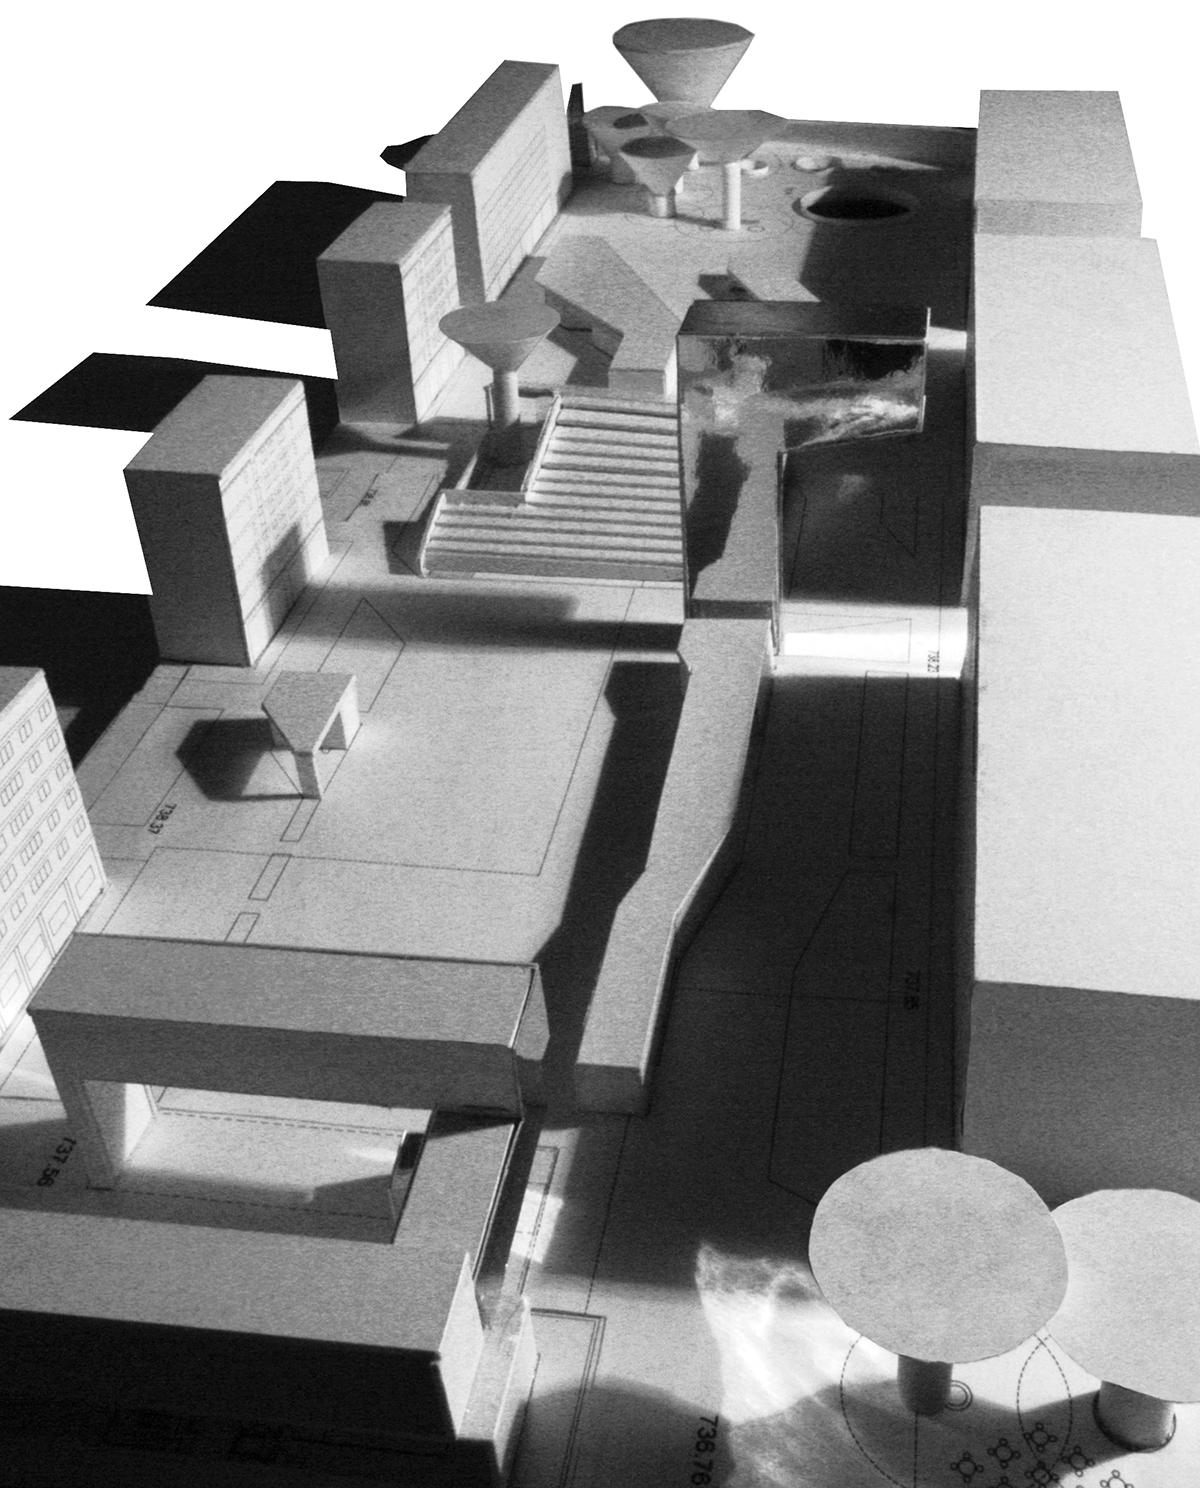 Concurso para la remodelación de la plaza central de Tres Cantos | Imagen de proyecto4